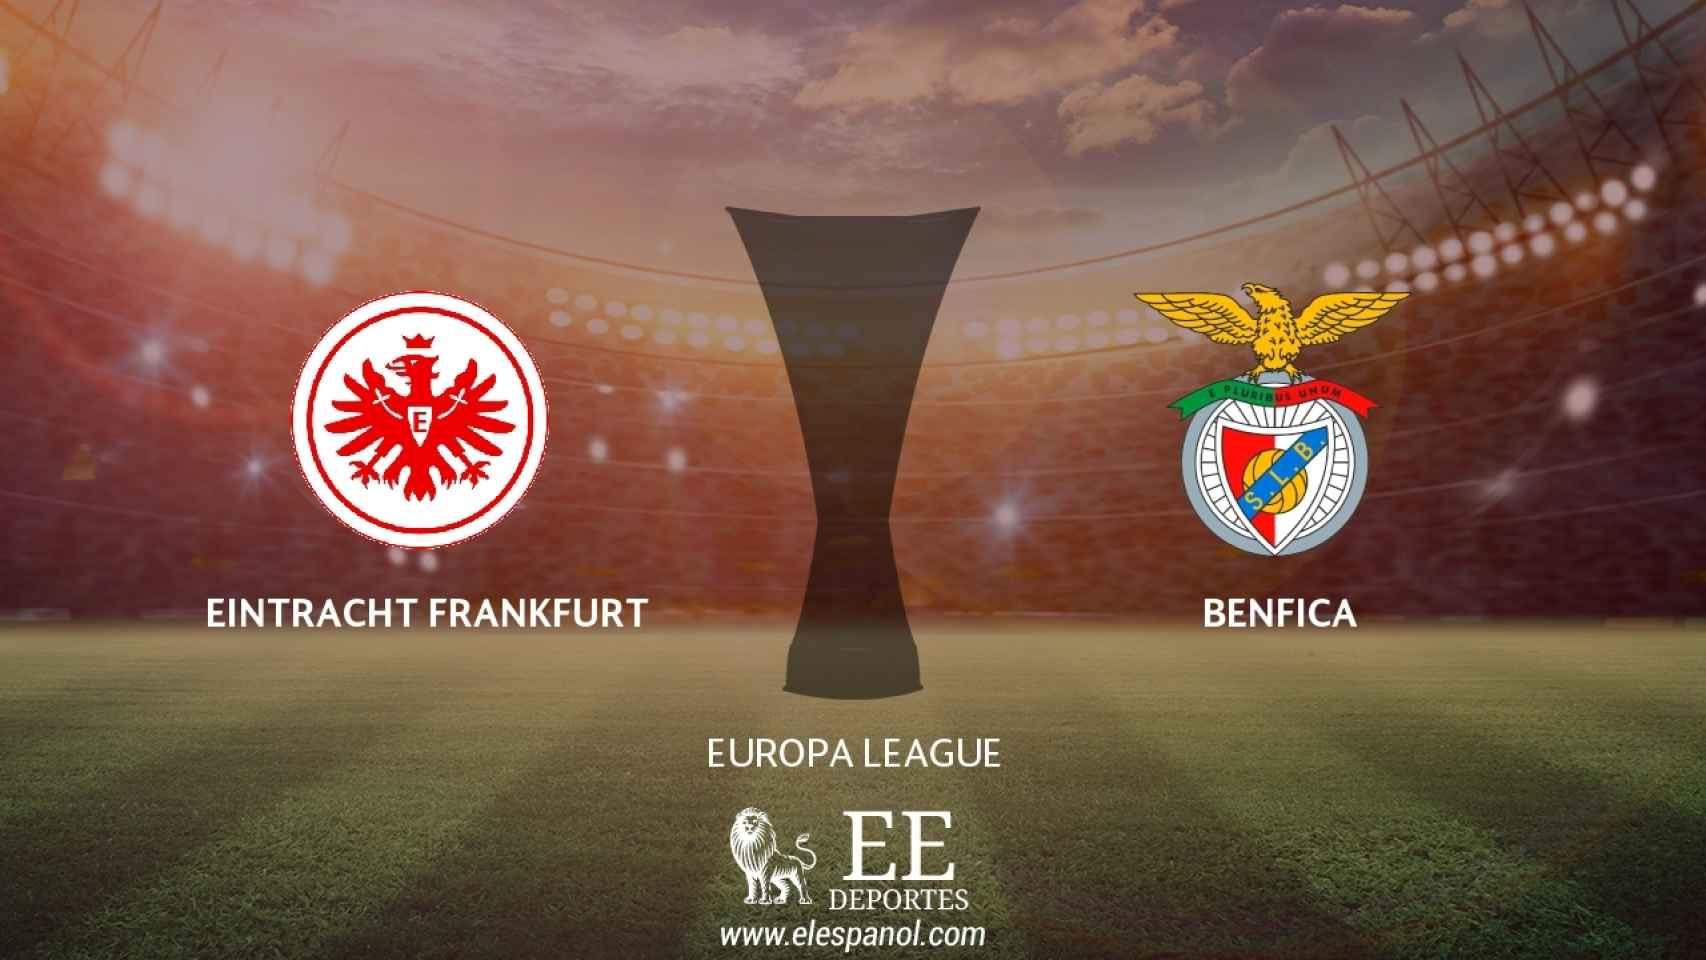 Eintracht Frankfurt - Benfica